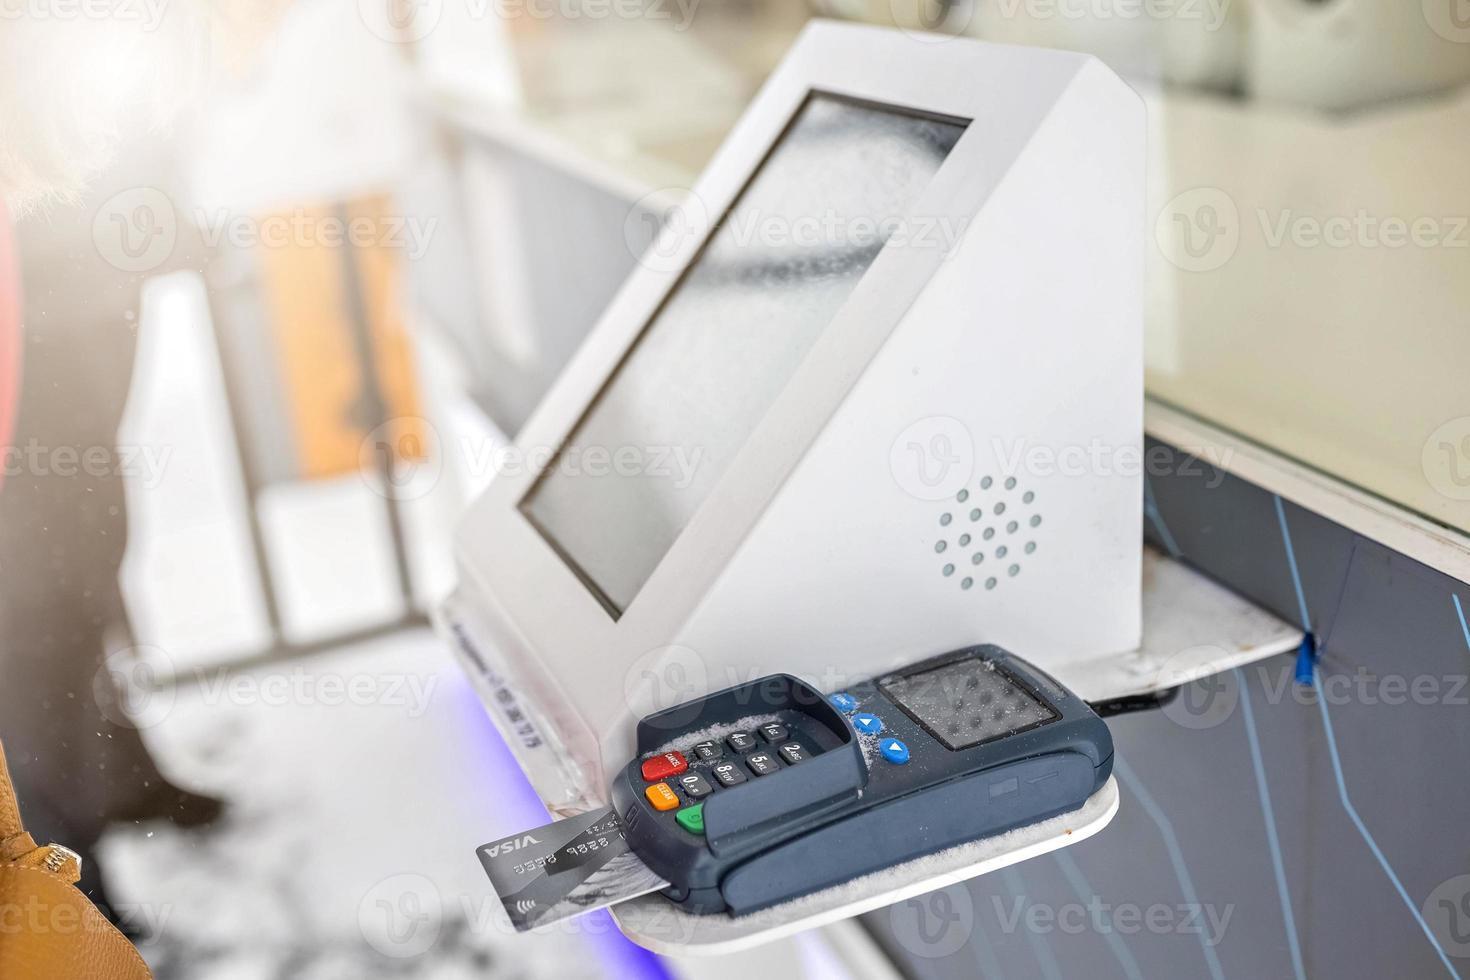 pagamento usando um cartão de débito e crédito por meio de um terminal de pagamento foto